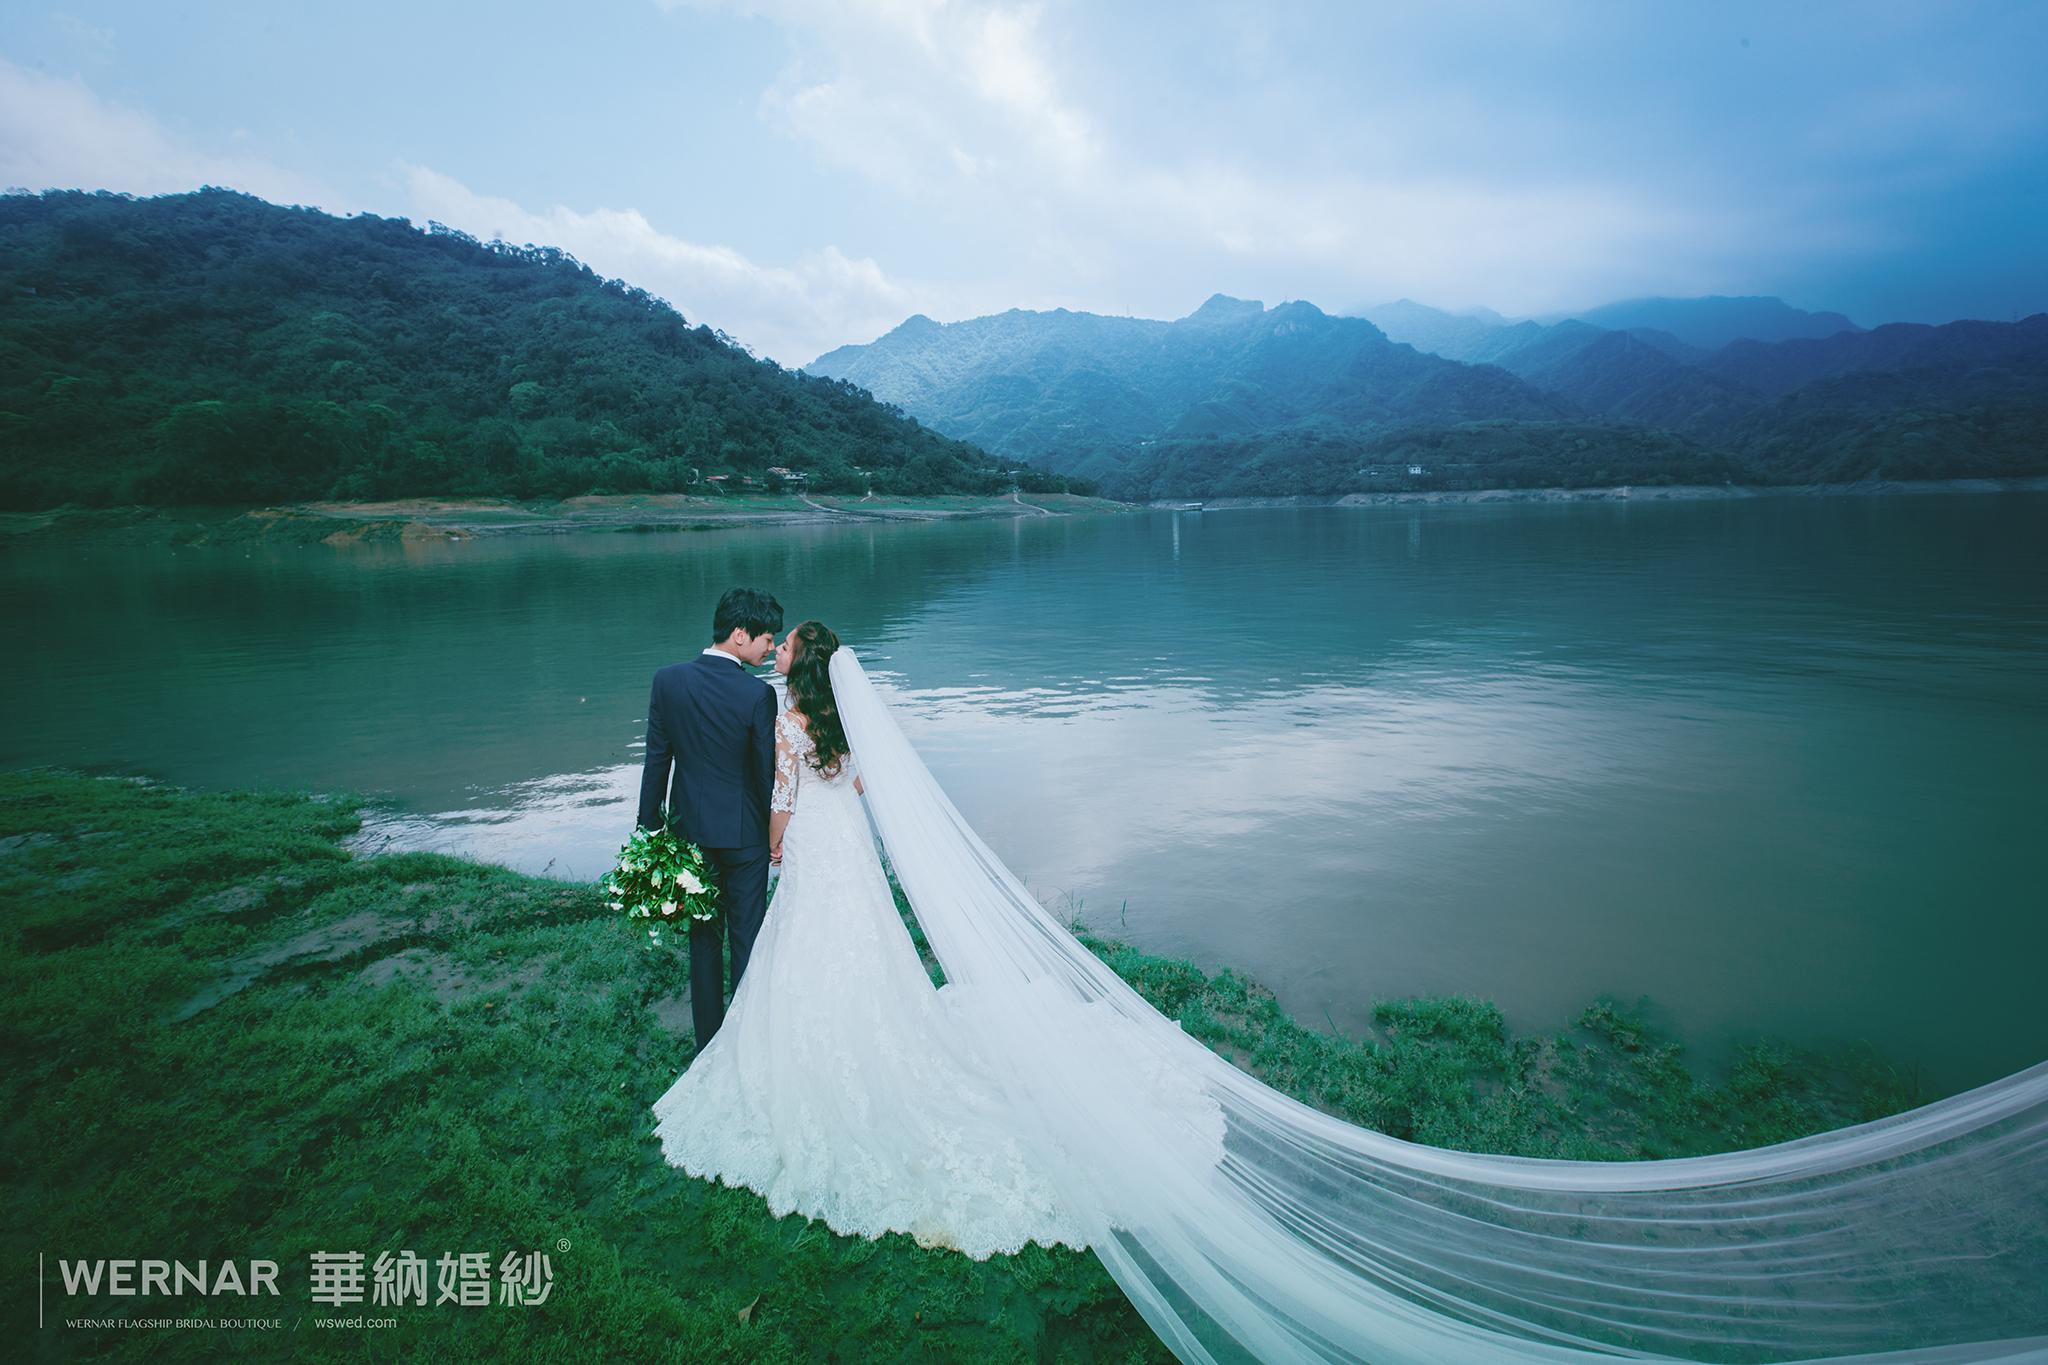 婚紗外拍景點,婚紗攝影,自主婚紗,婚紗照,台中華納婚紗推薦,桃園華納婚紗推薦